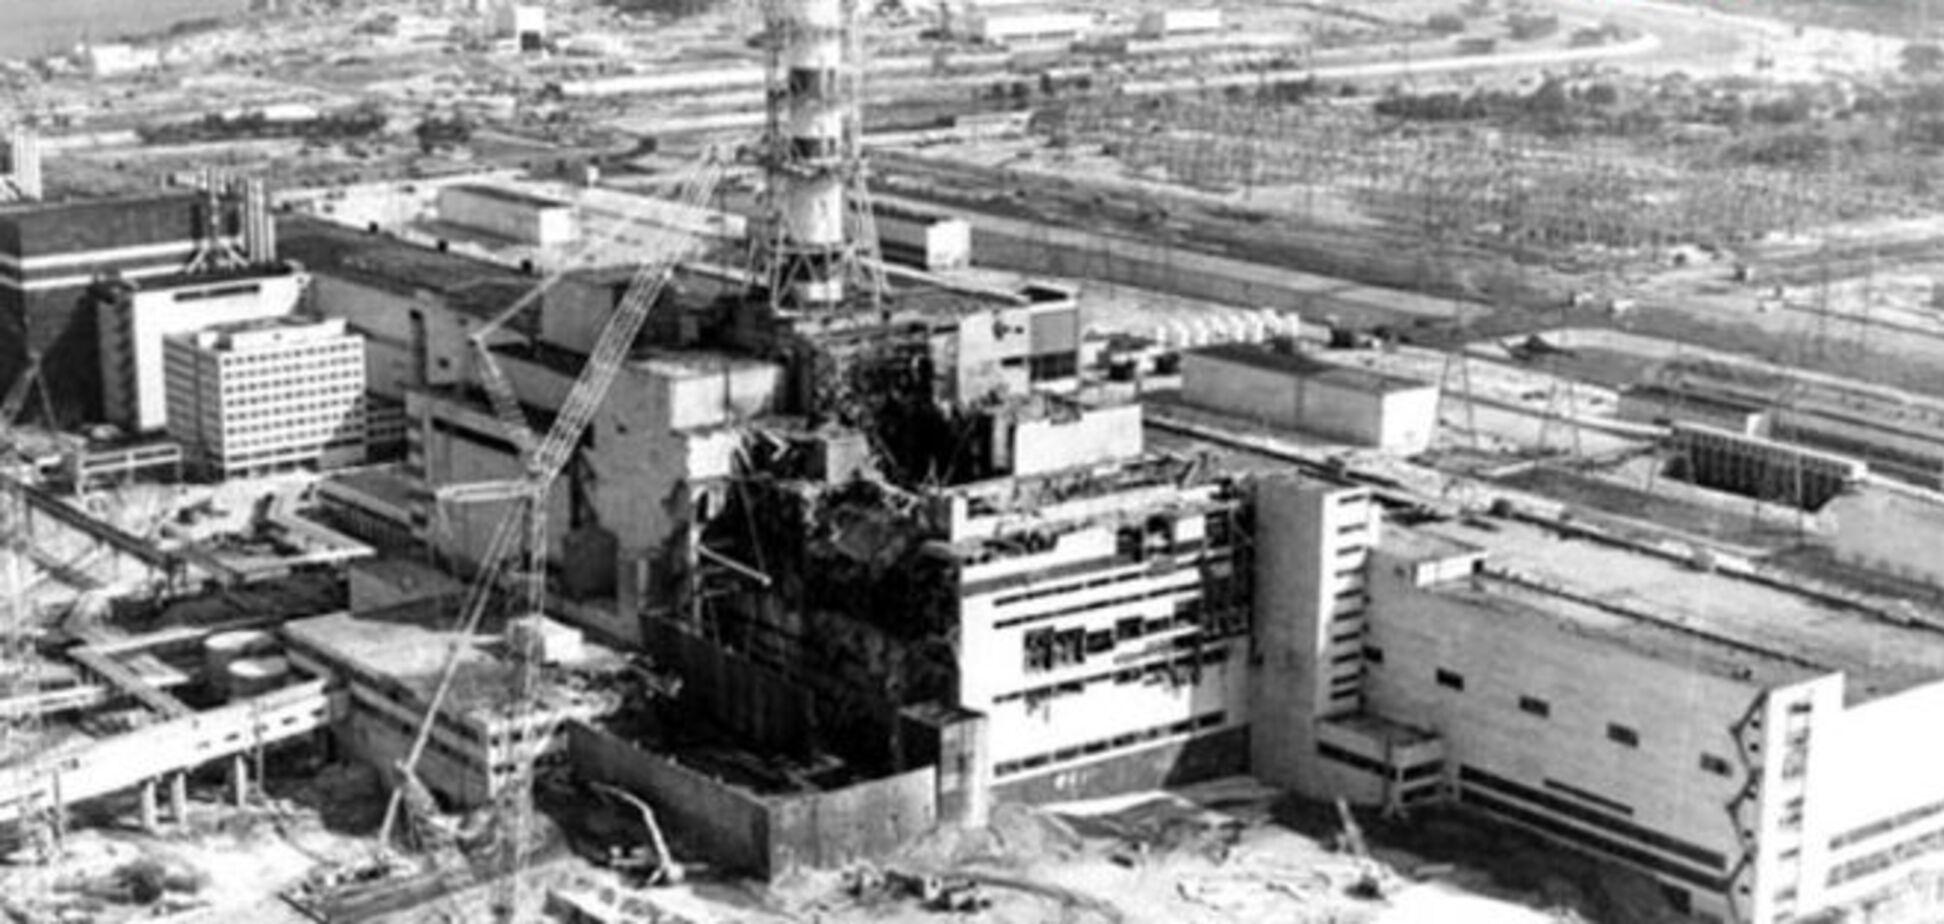 Ті, хто переміг Чорнобиль, помруть від 'реформ' Яценюка?